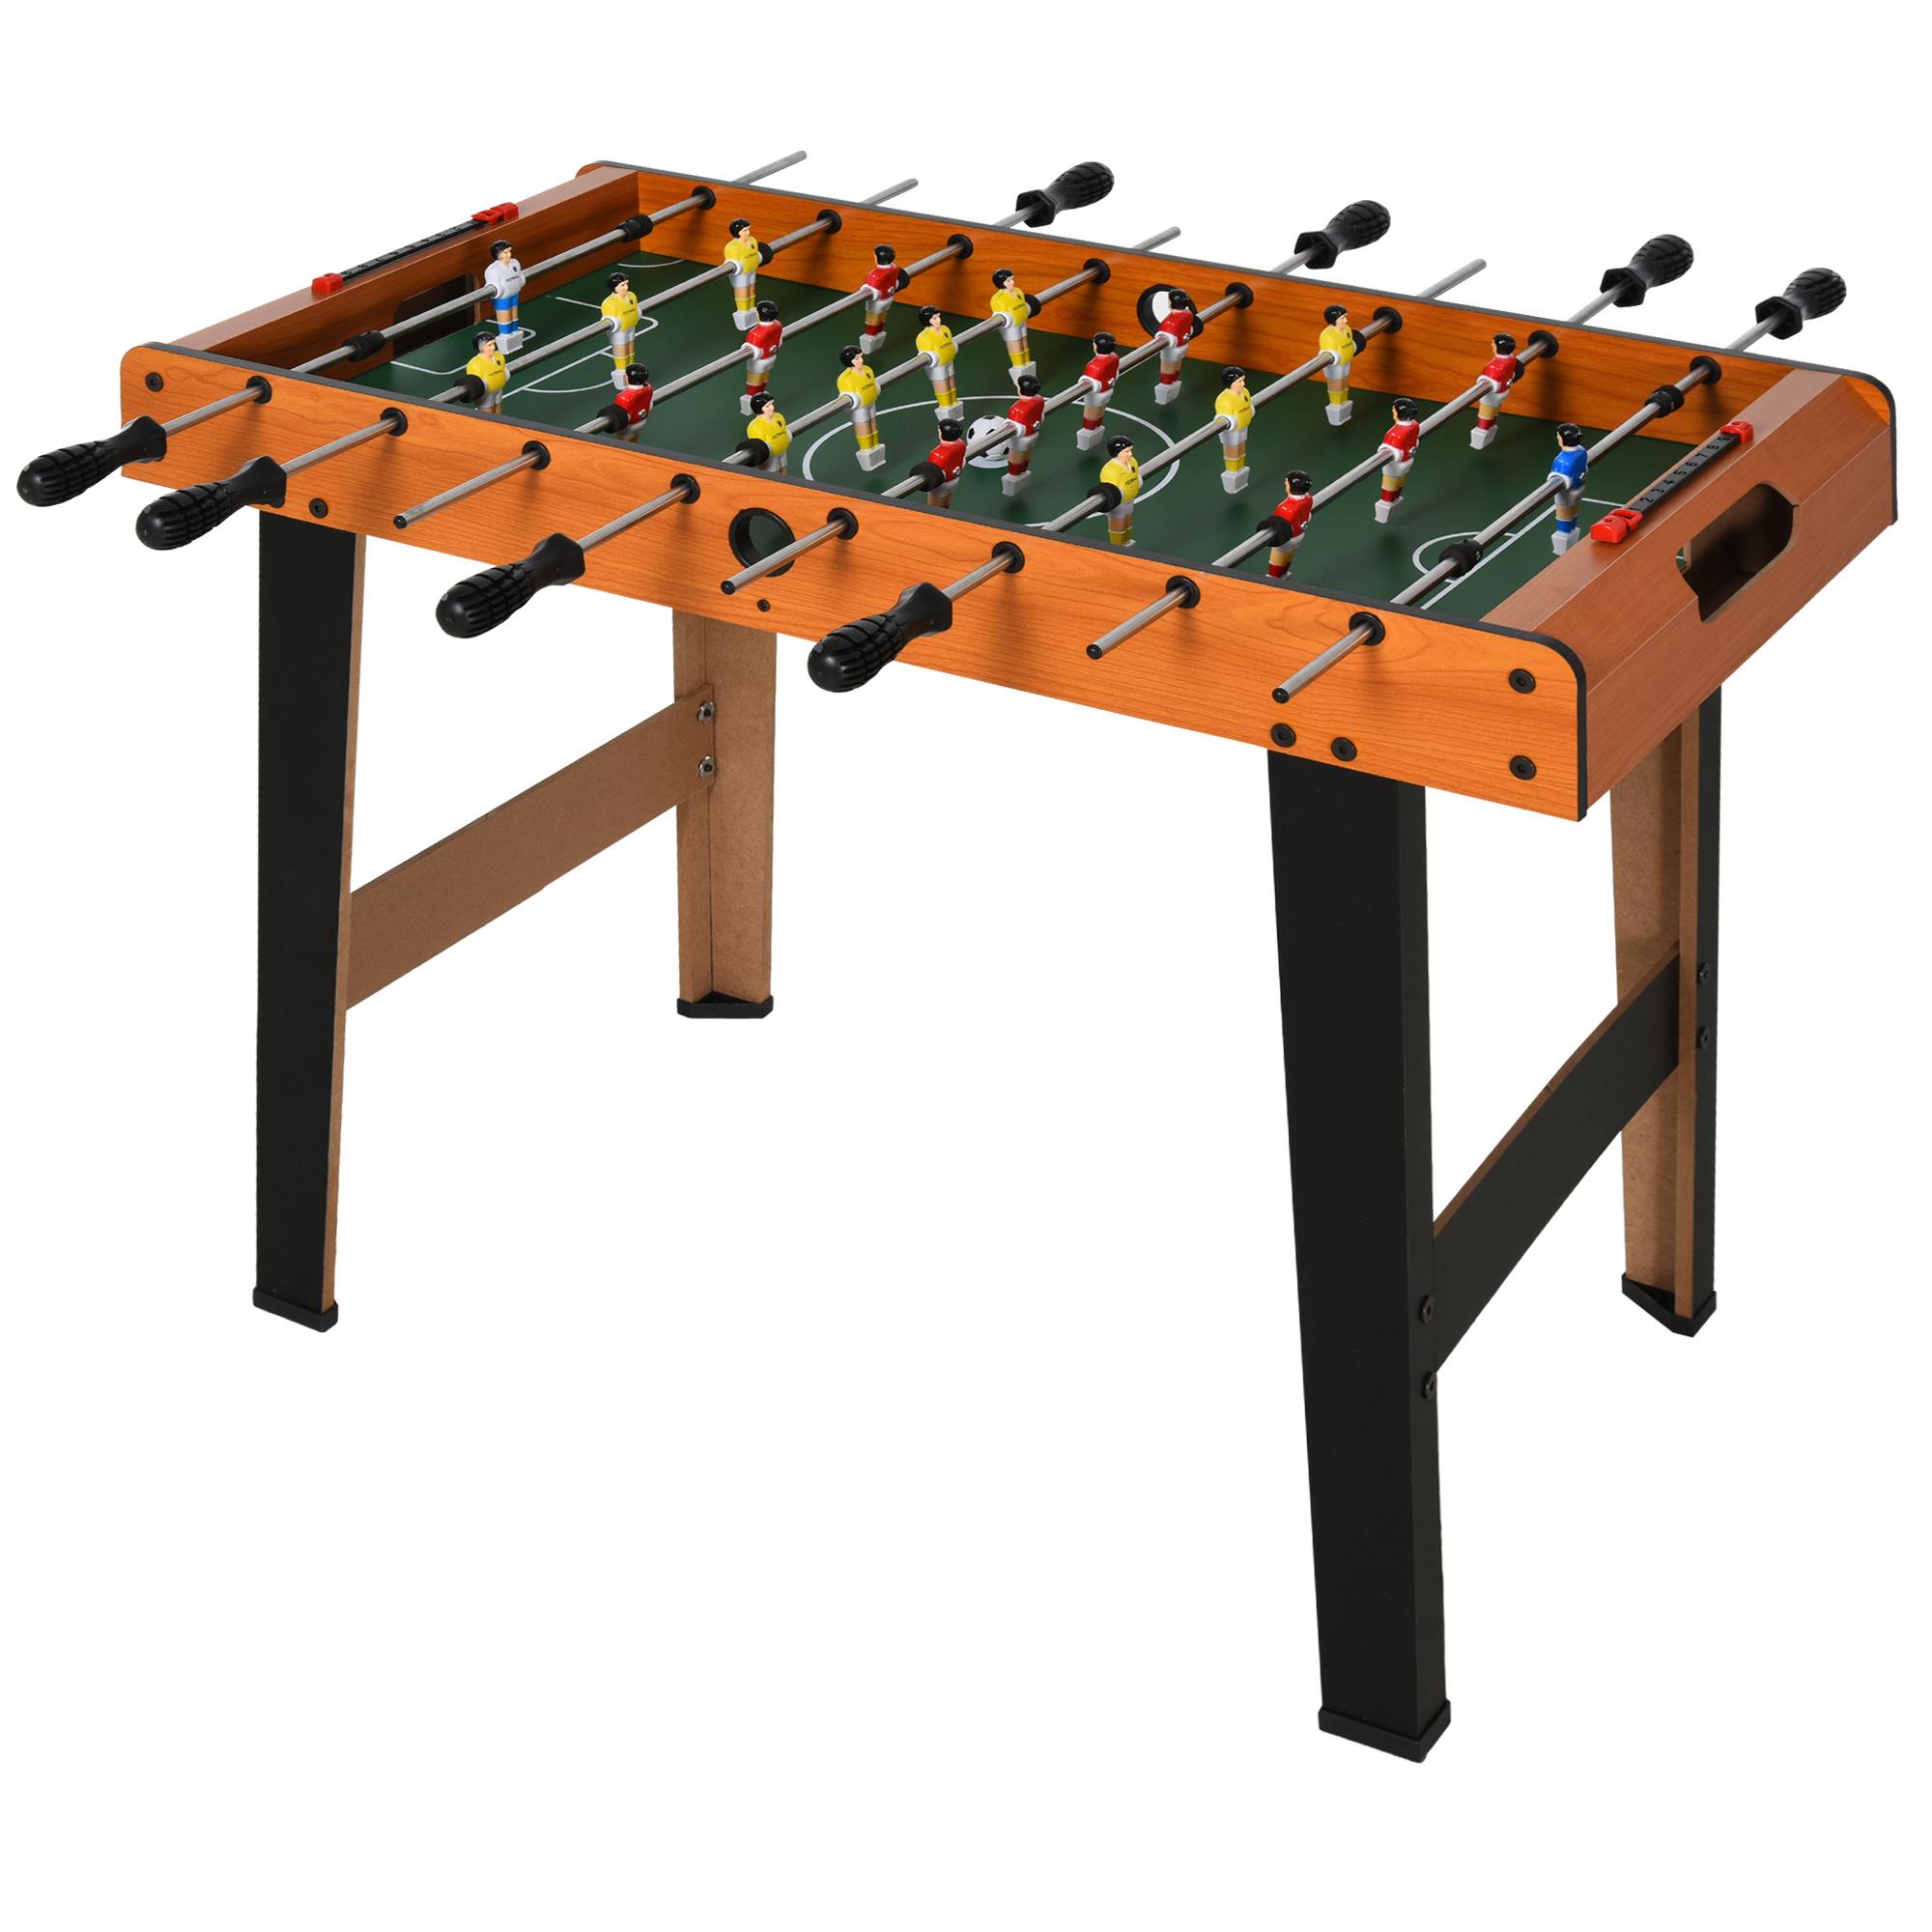 Homcom Joc de fotbal de masa cu 22 jucatori si accesorii incluse 84.5 x 40 x 62 cm imagine aosom.ro